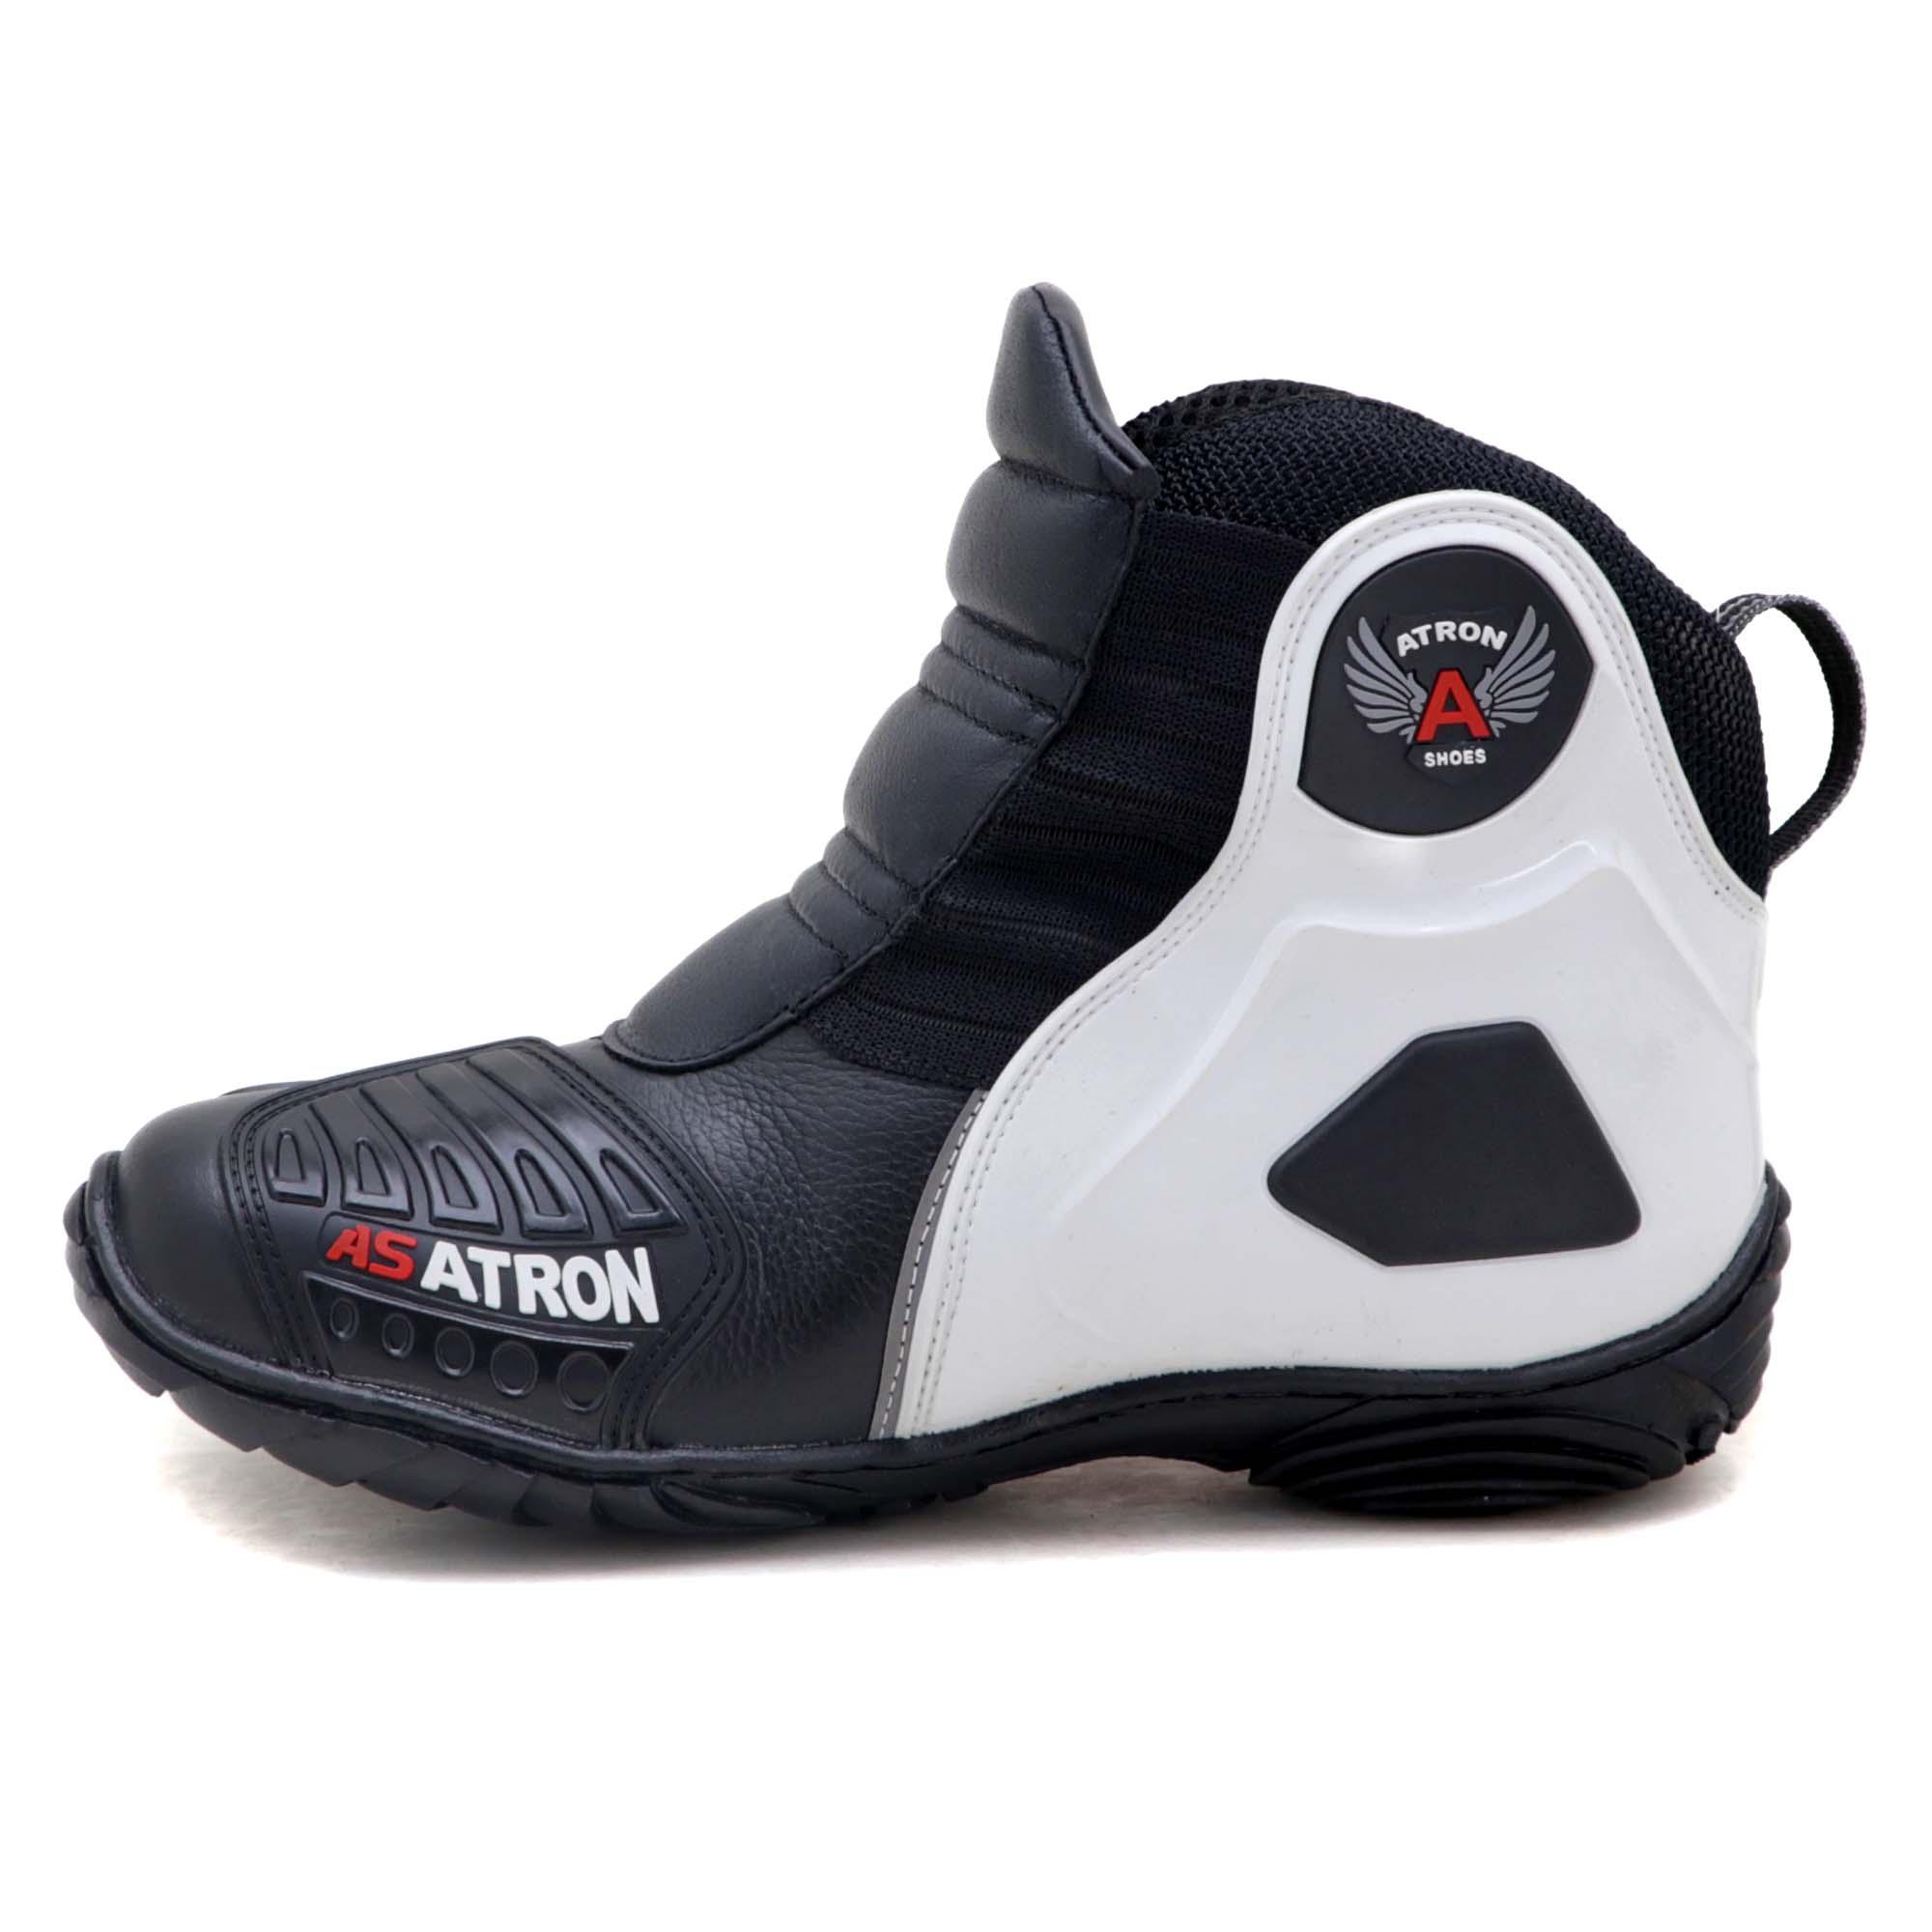 Bota motociclista Atron Shoes AS-HIGHWAY em couro legítimo semi-impermeável emborrachada Com elástico na cor Preto 408